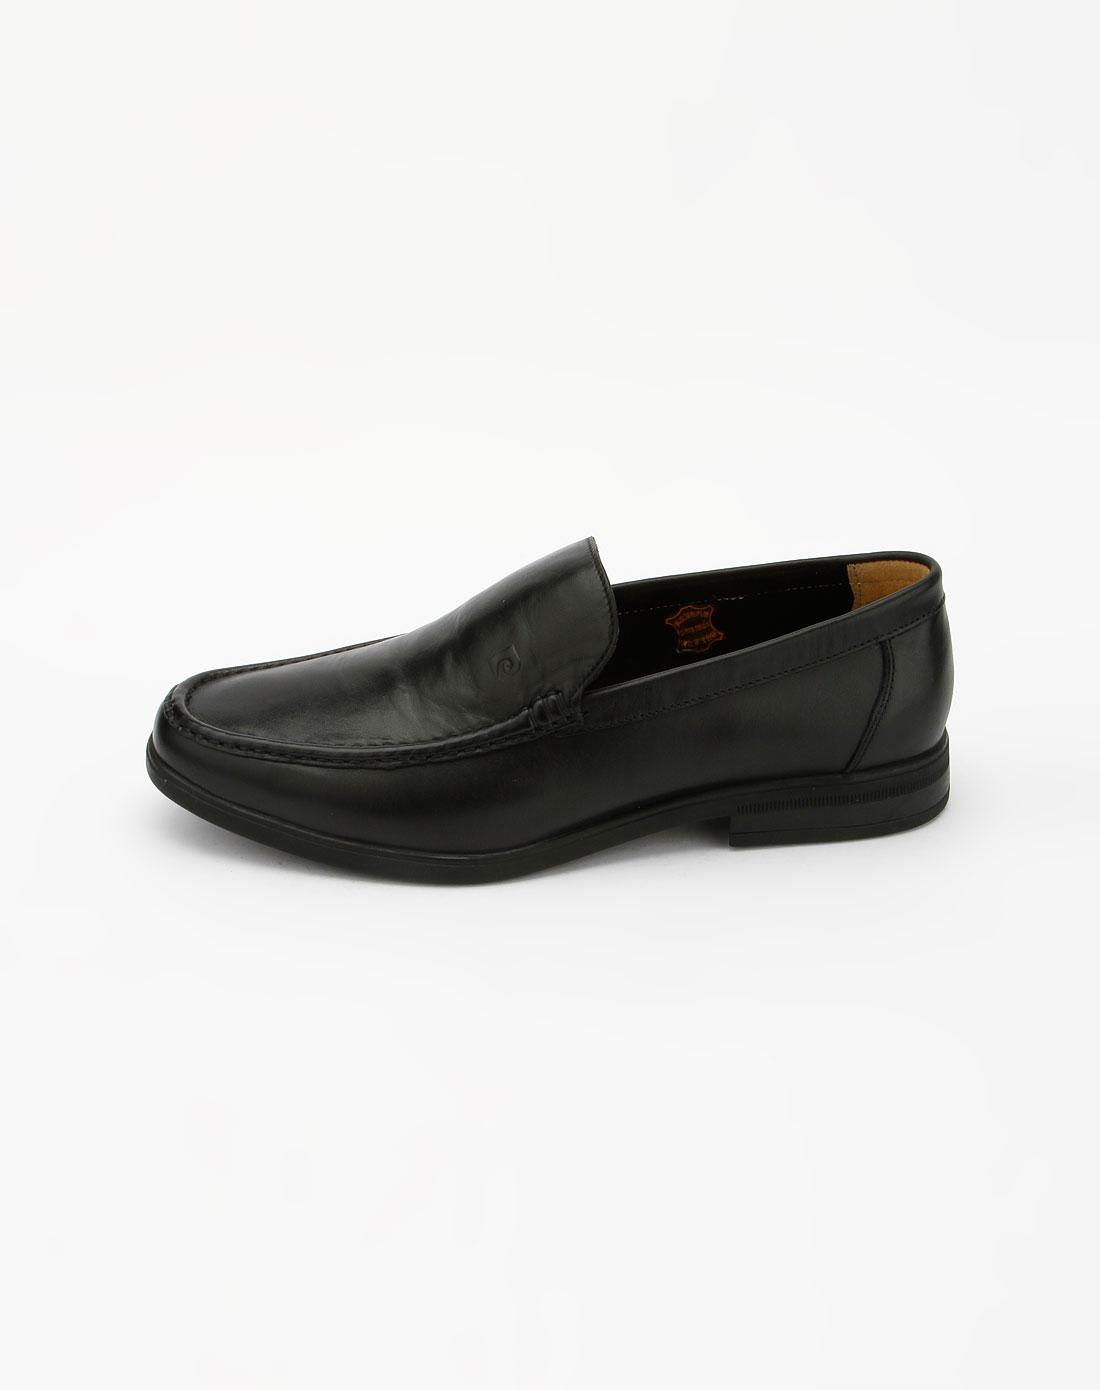 男装黑色时尚商务皮鞋